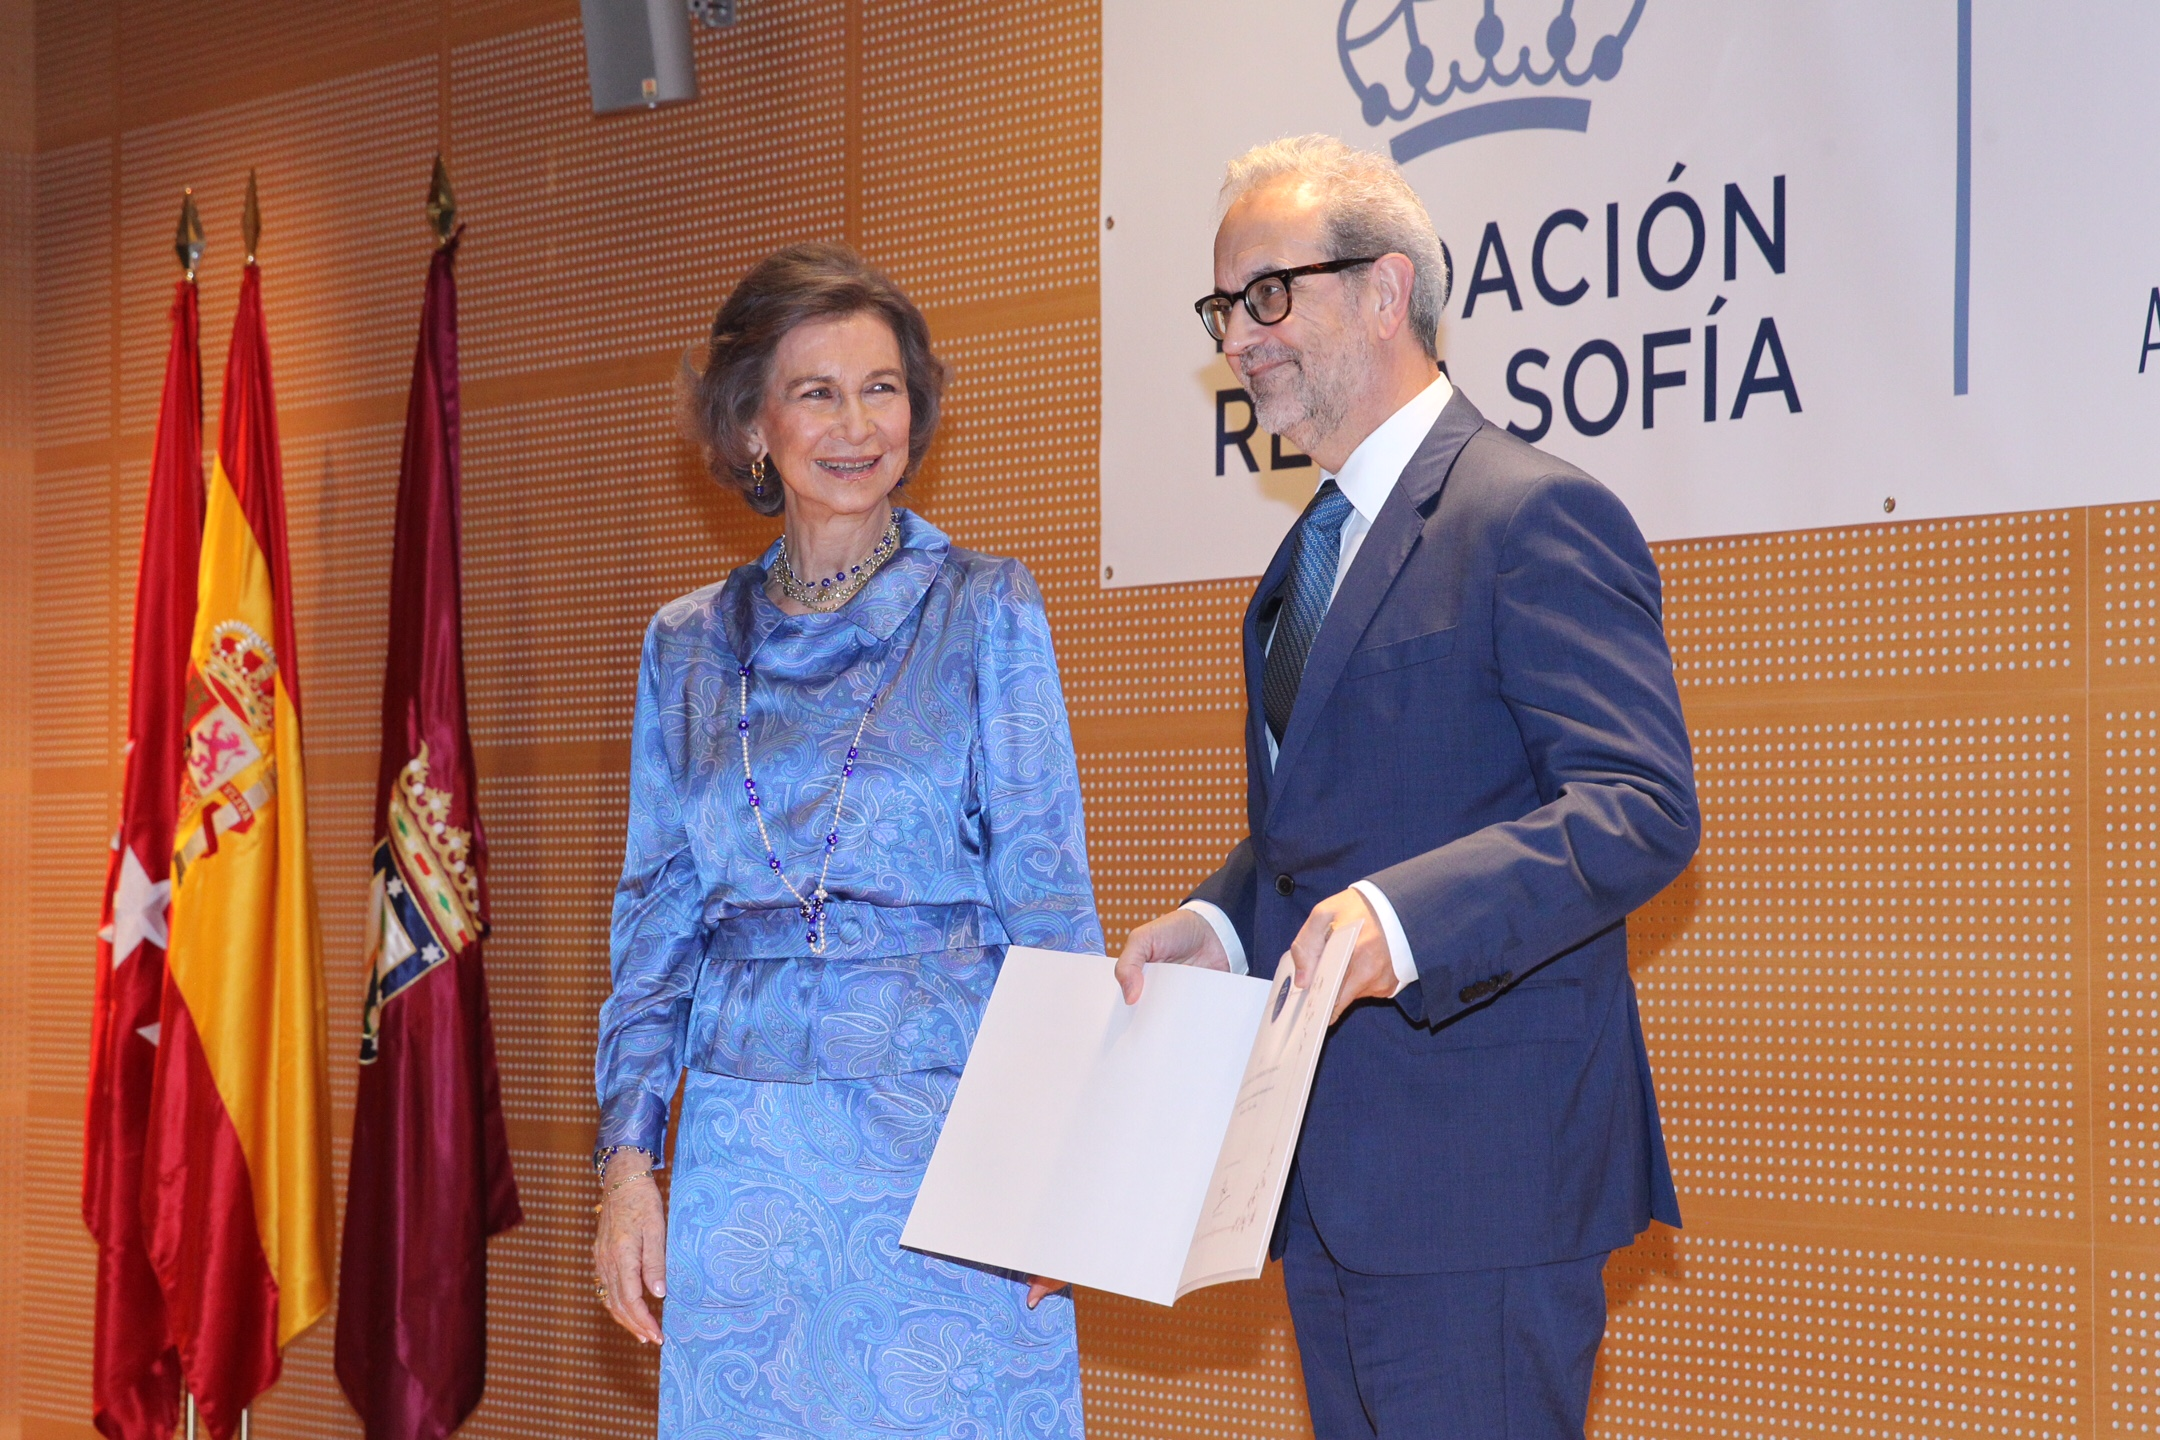 La Fundación Reina Sofía reconoce en su 40 aniversario el apoyo recibido desde la Fundación General de la Universidad de Salamanca